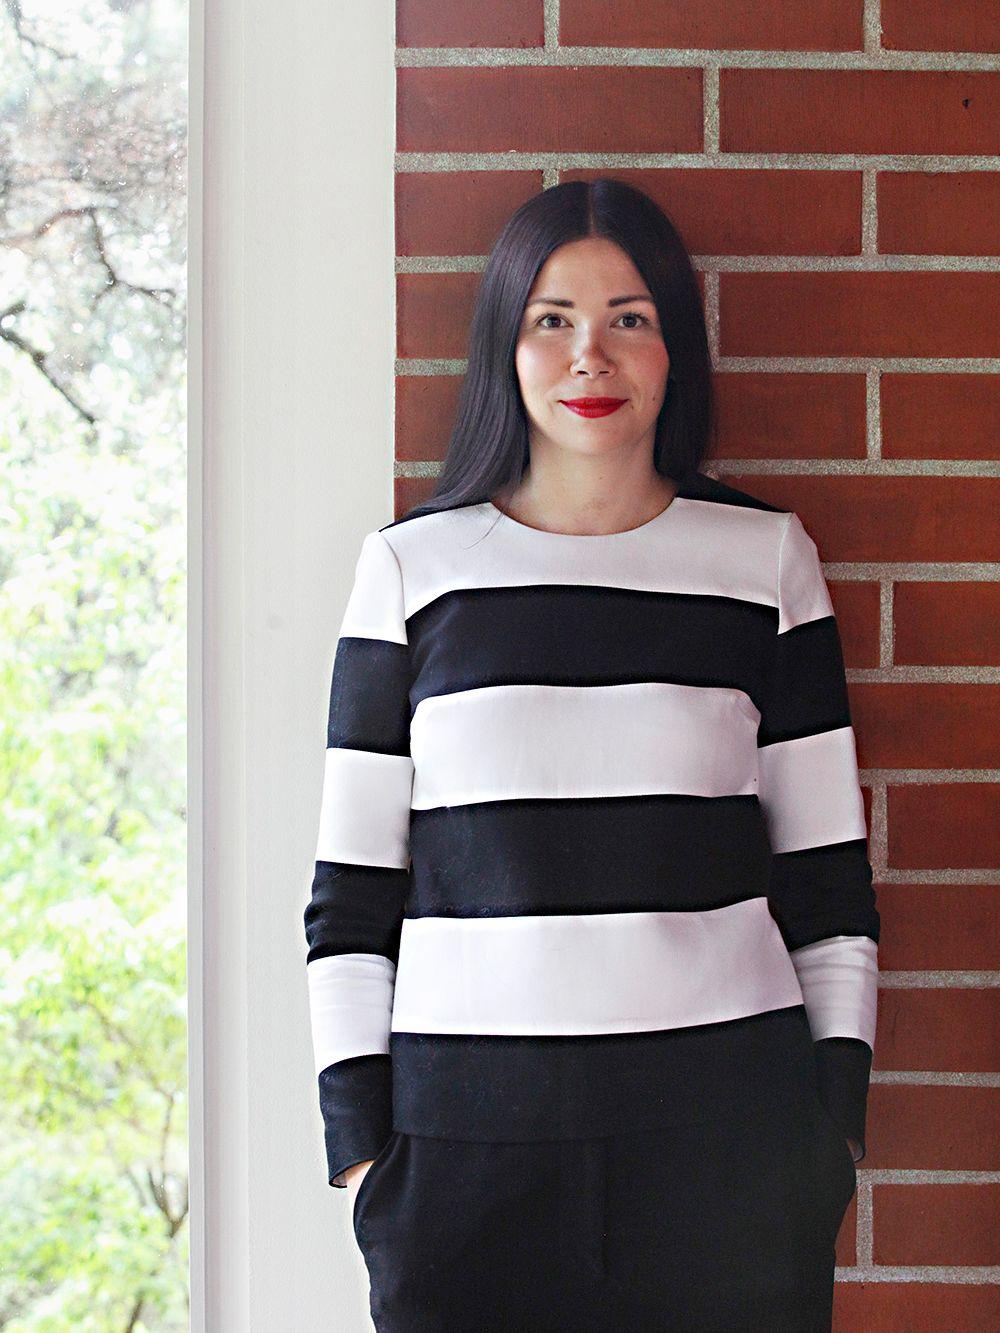 Annaleena Hämäläinen, Creative Director of Hakola